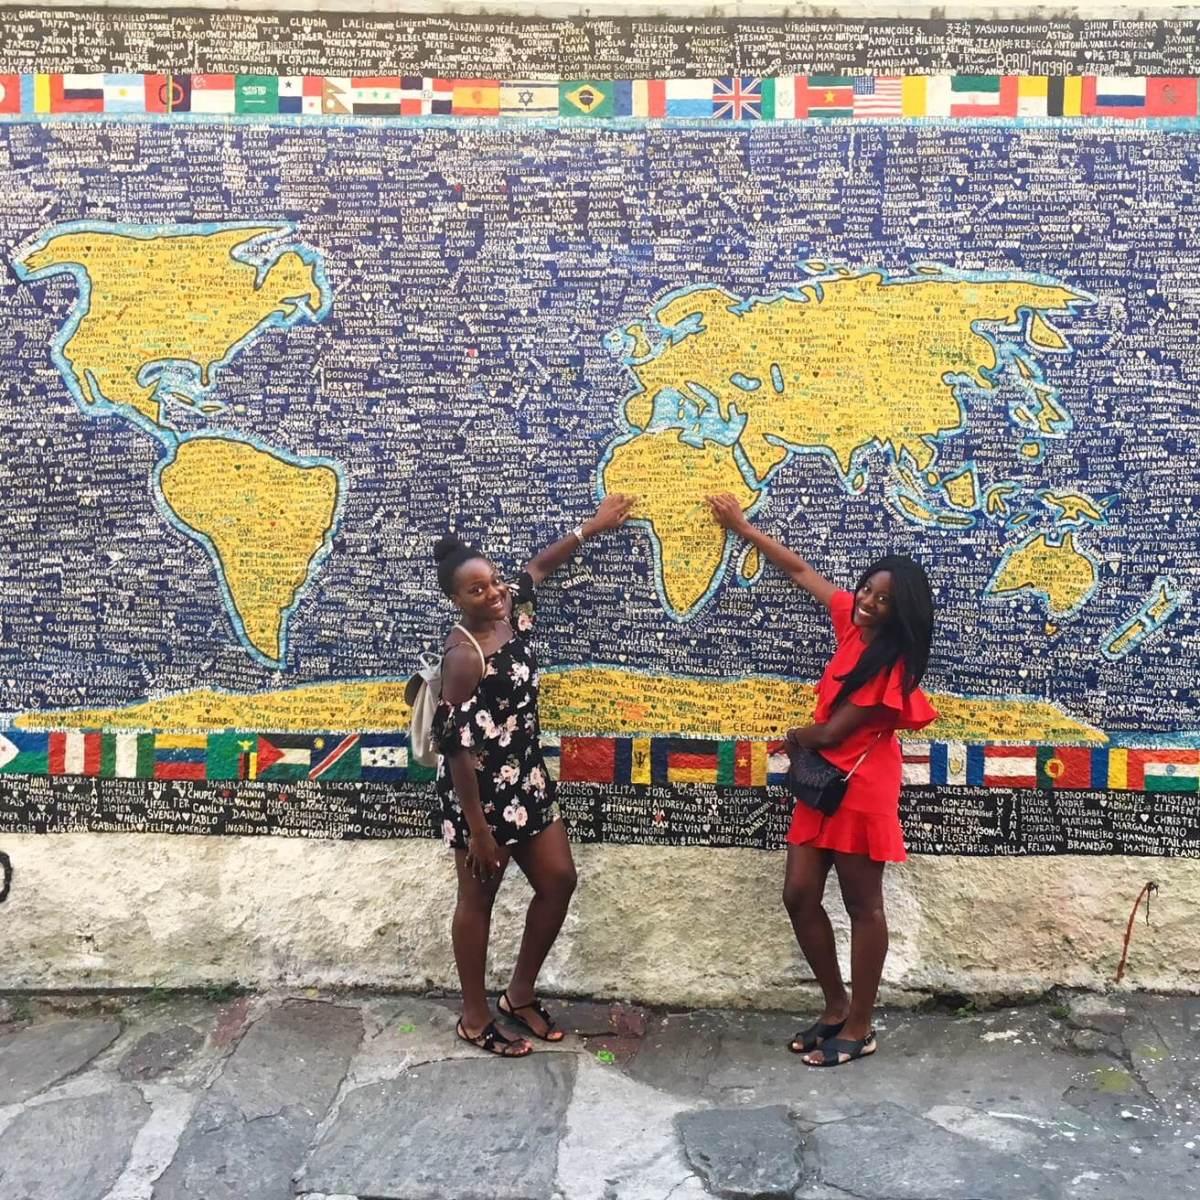 Travel Destination - Rio de Janeiro